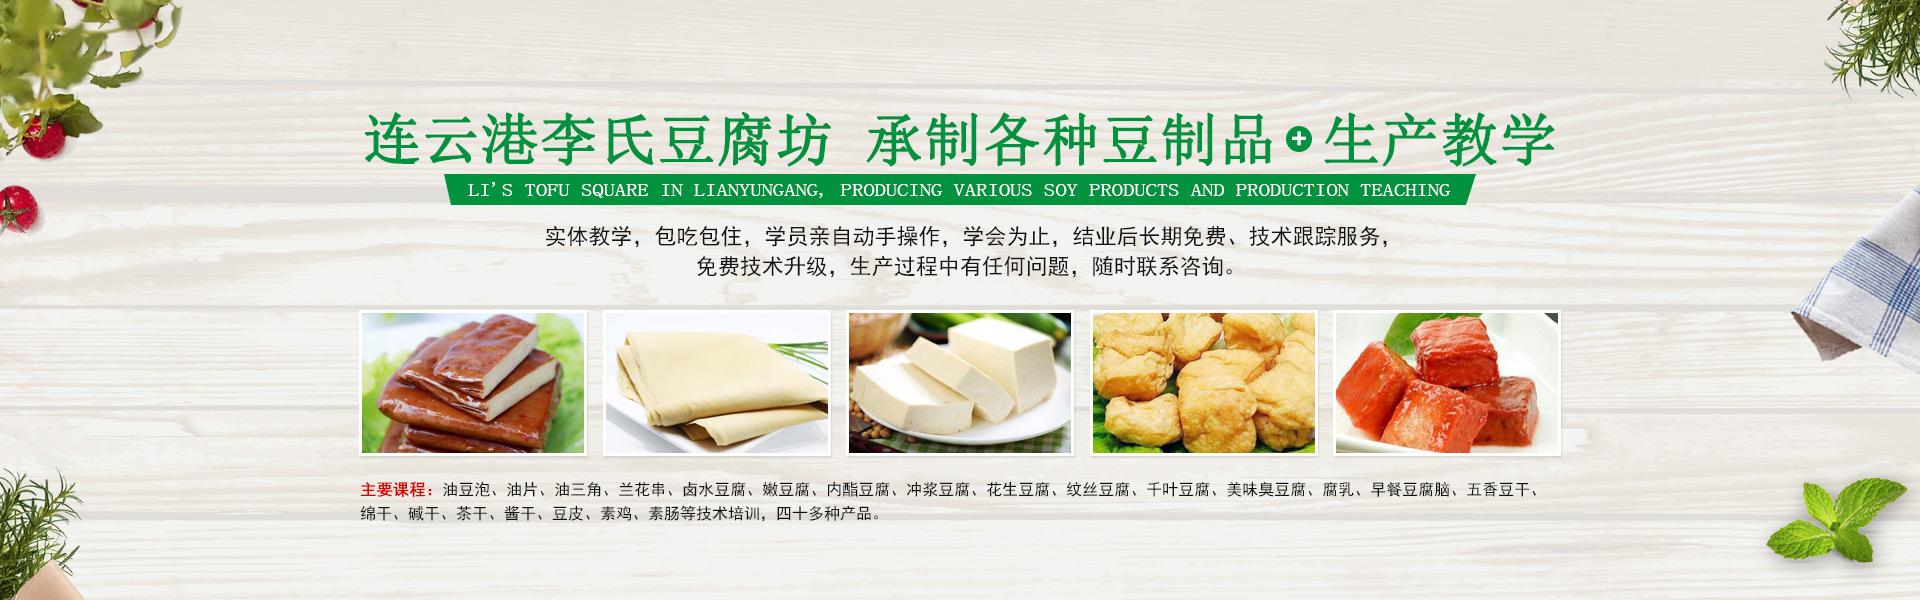 豆腐技术培训